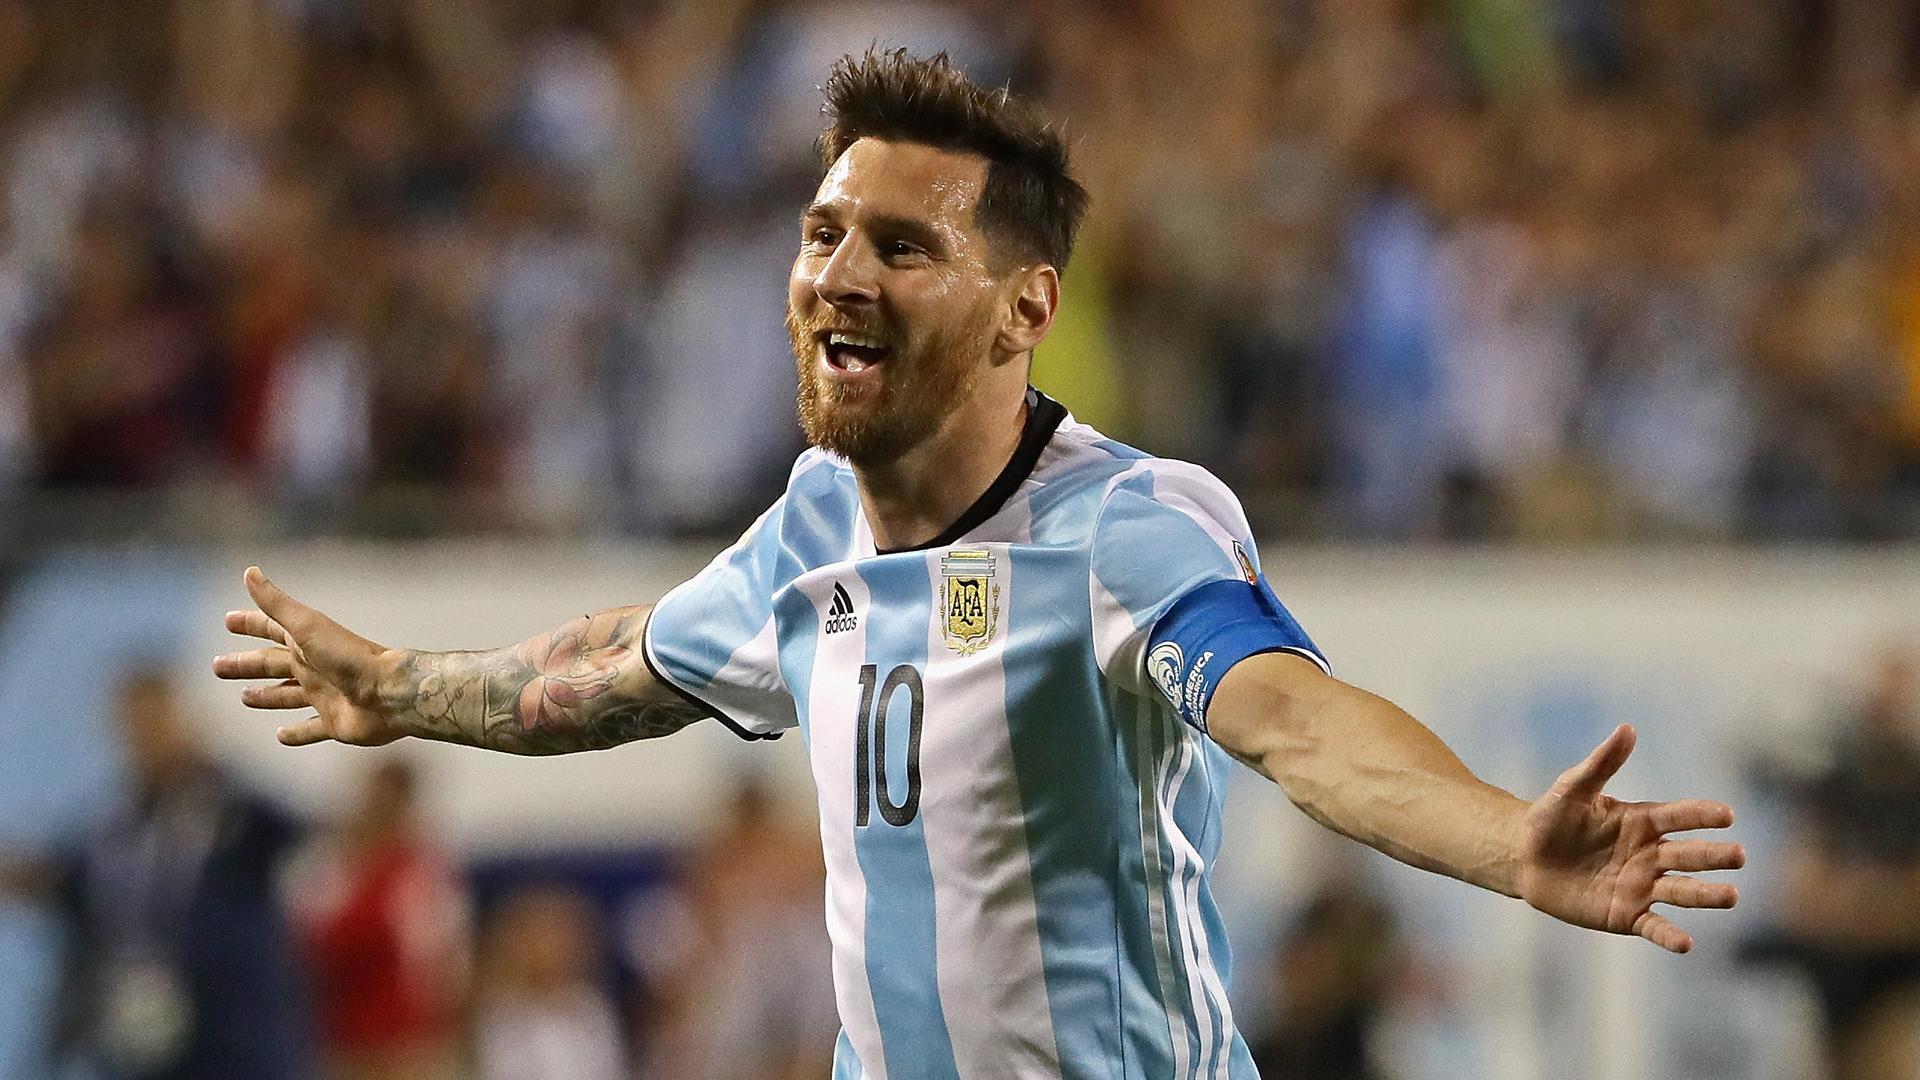 TOÀN BỘ 55 bàn thắng của Messi trong màu áo đội tuyển Argentina